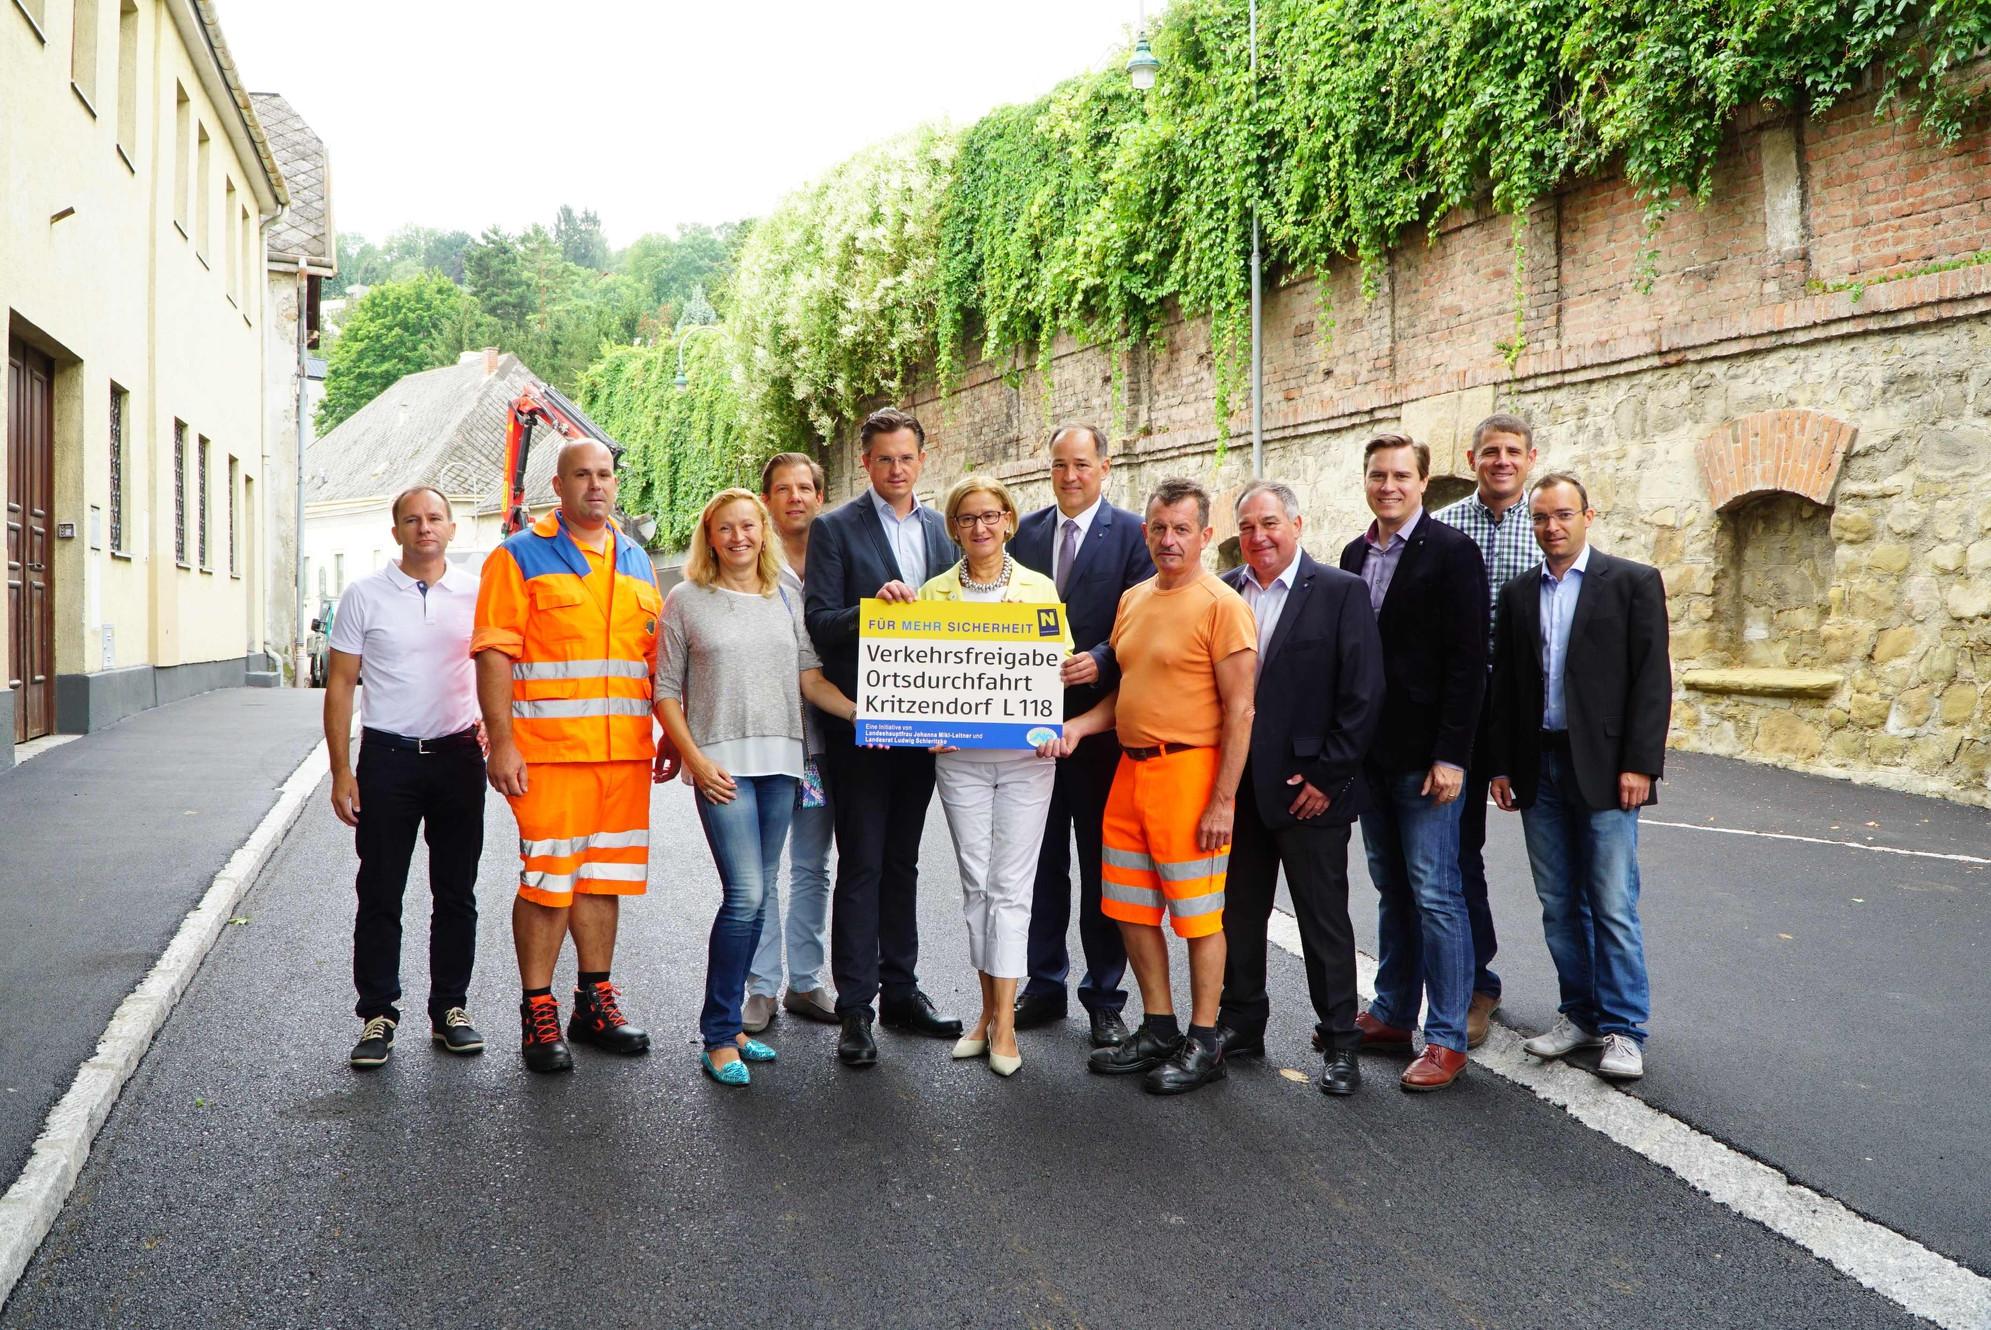 Singles Kritzendorf, Kontaktanzeigen aus Kritzendorf bei